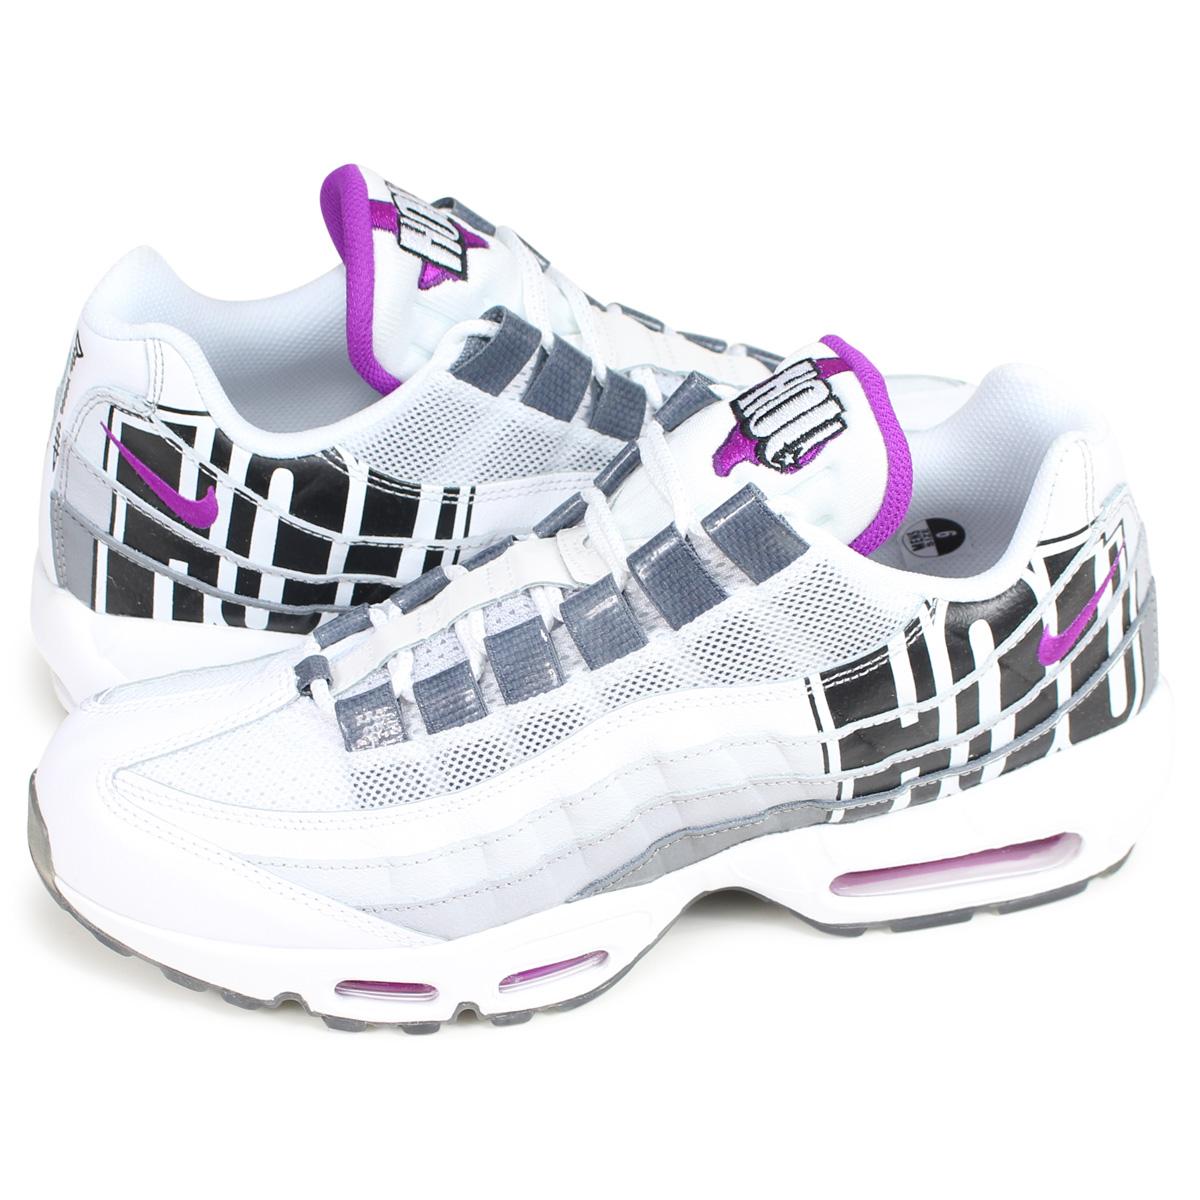 Nike NIKE Air Max 95 sneakers men AIR MAX 95 HOUSTON white white BV1225 500